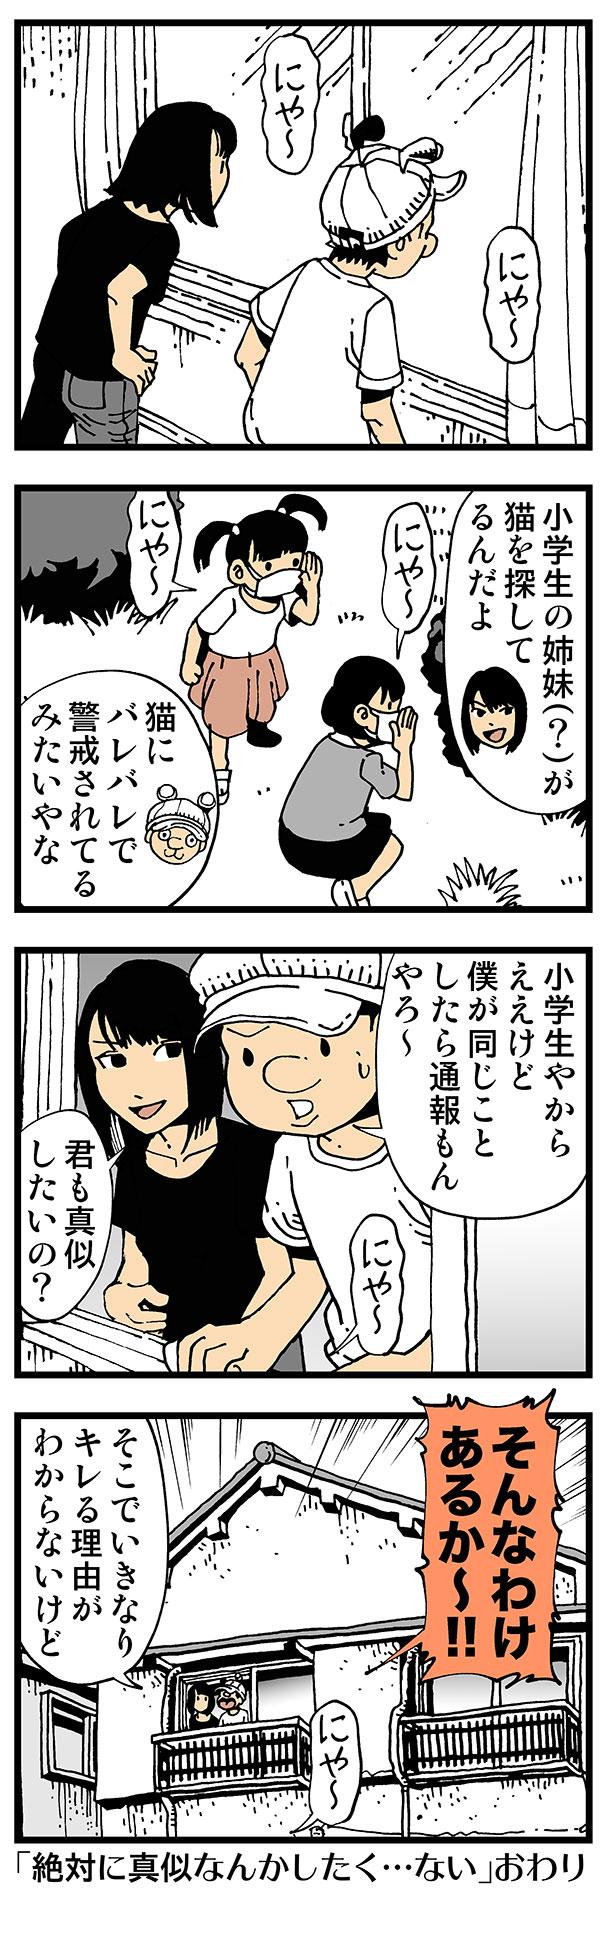 【普通】にゃにを言う!